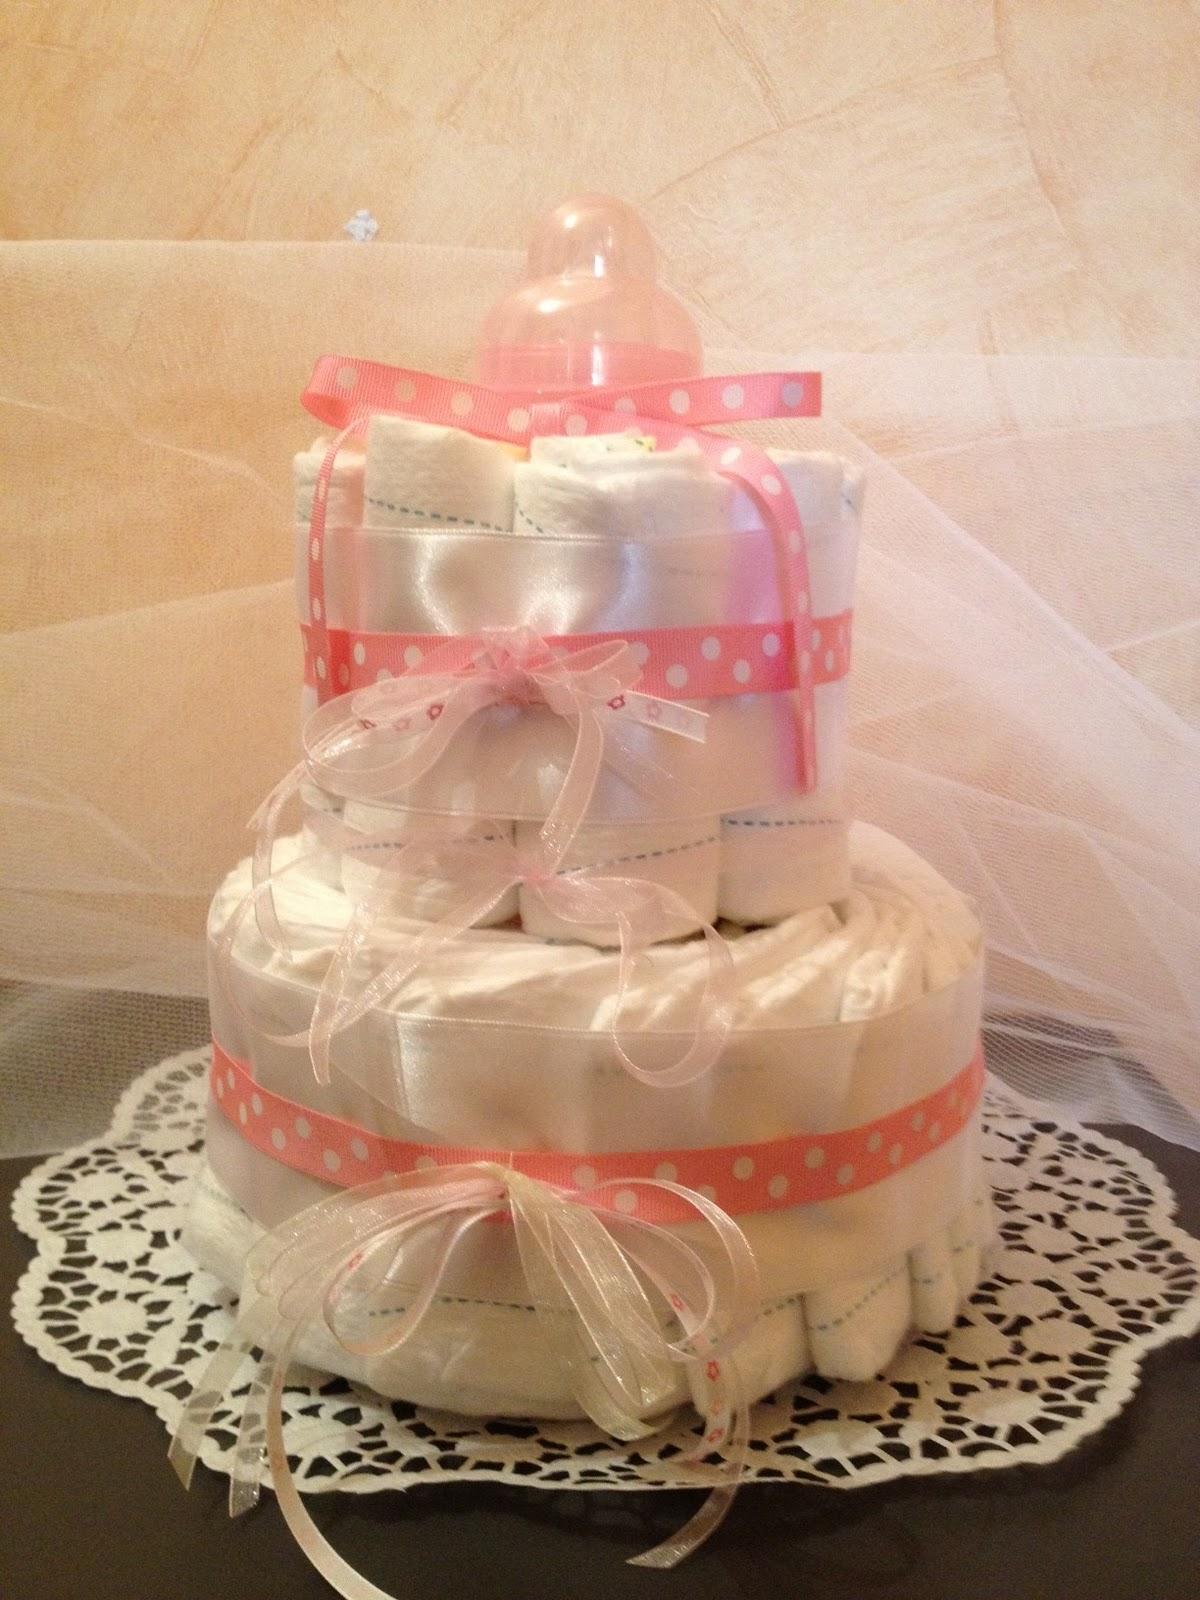 Cadeau Rigolo Baby Shower babyshower planner & diaper cake: confection de gateau de